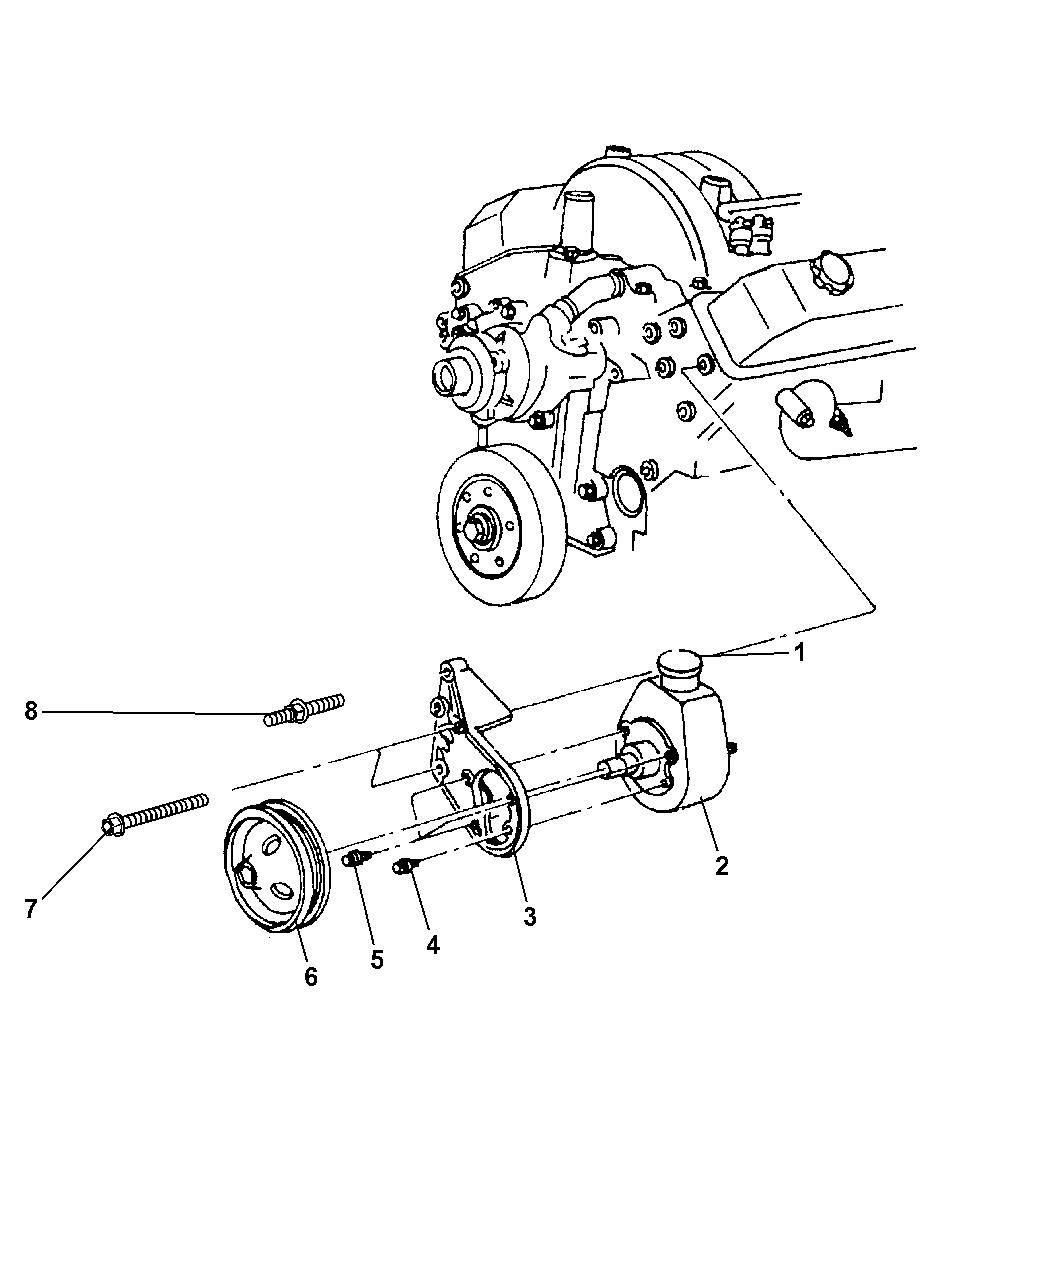 Dodge Durango 5 9l Engine Diagram. Dodge. Auto Wiring Diagram